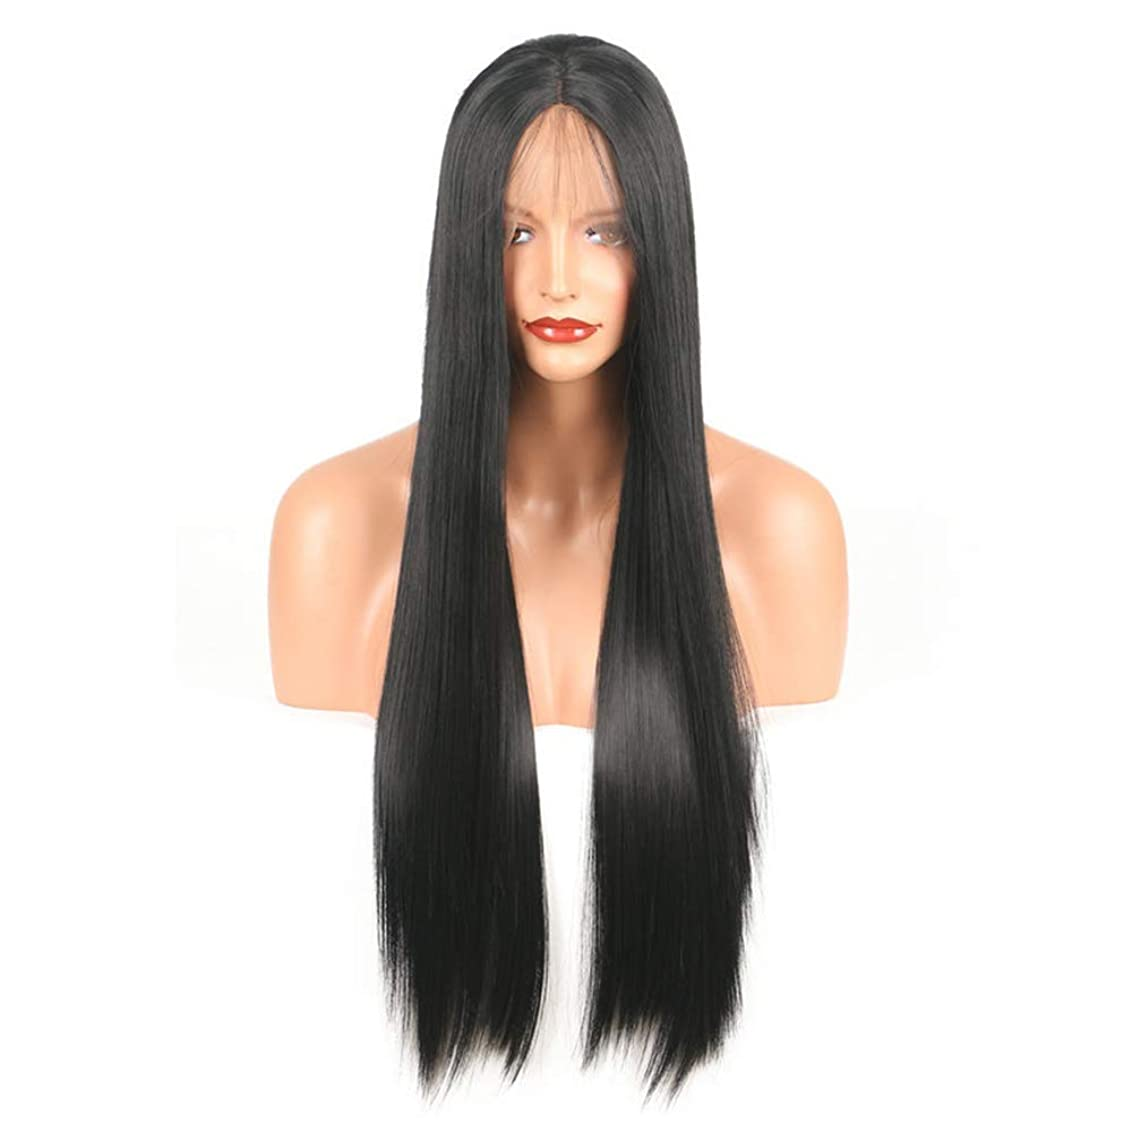 生物学失速痴漢BOBIDYEE レースフロントかつら斜め前髪アニメコスチュームロングストレートコスプレウィッグパーティーかつら耐熱合成髪のかつら用女性ファッションかつら (サイズ : 18